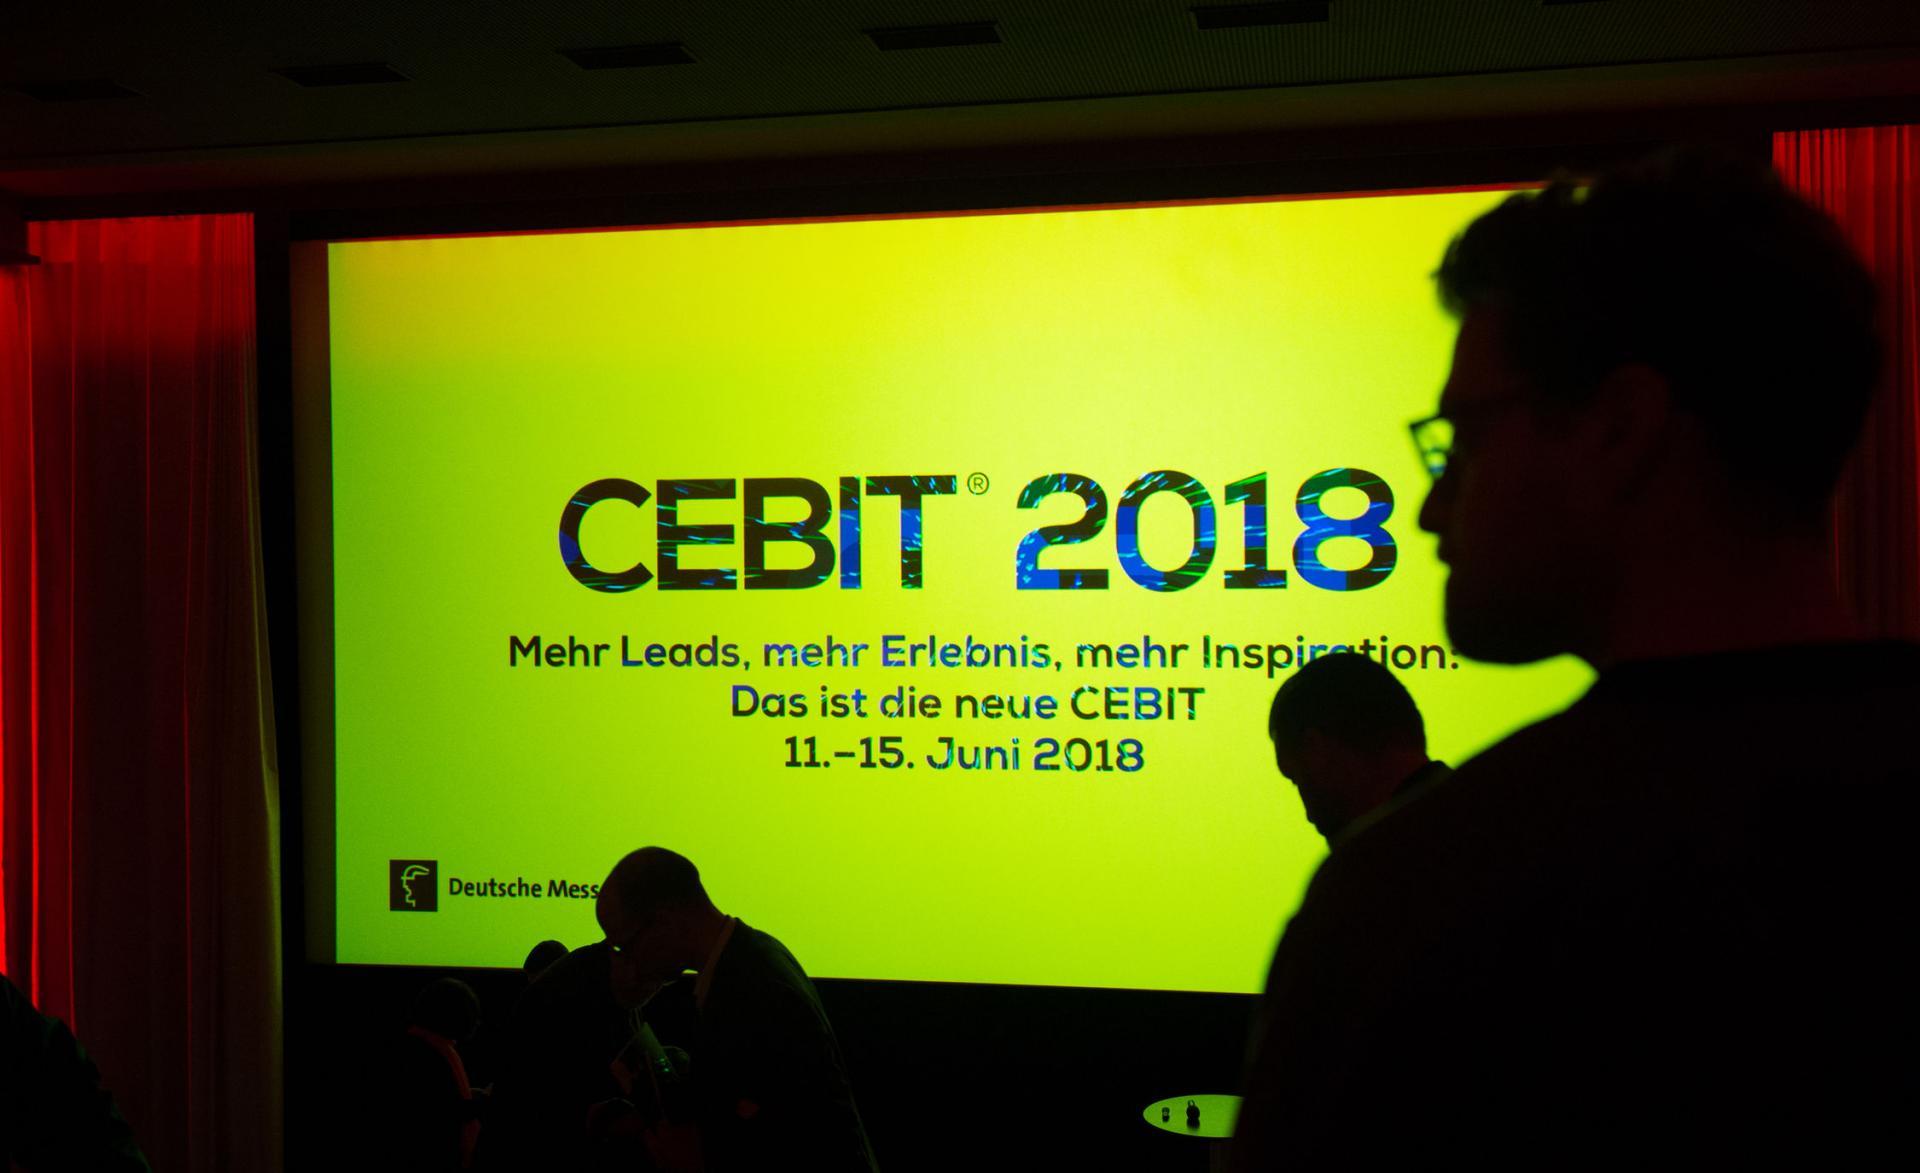 Cebit 2018: tutte le novità dal 11-15 giugno ad Hannover